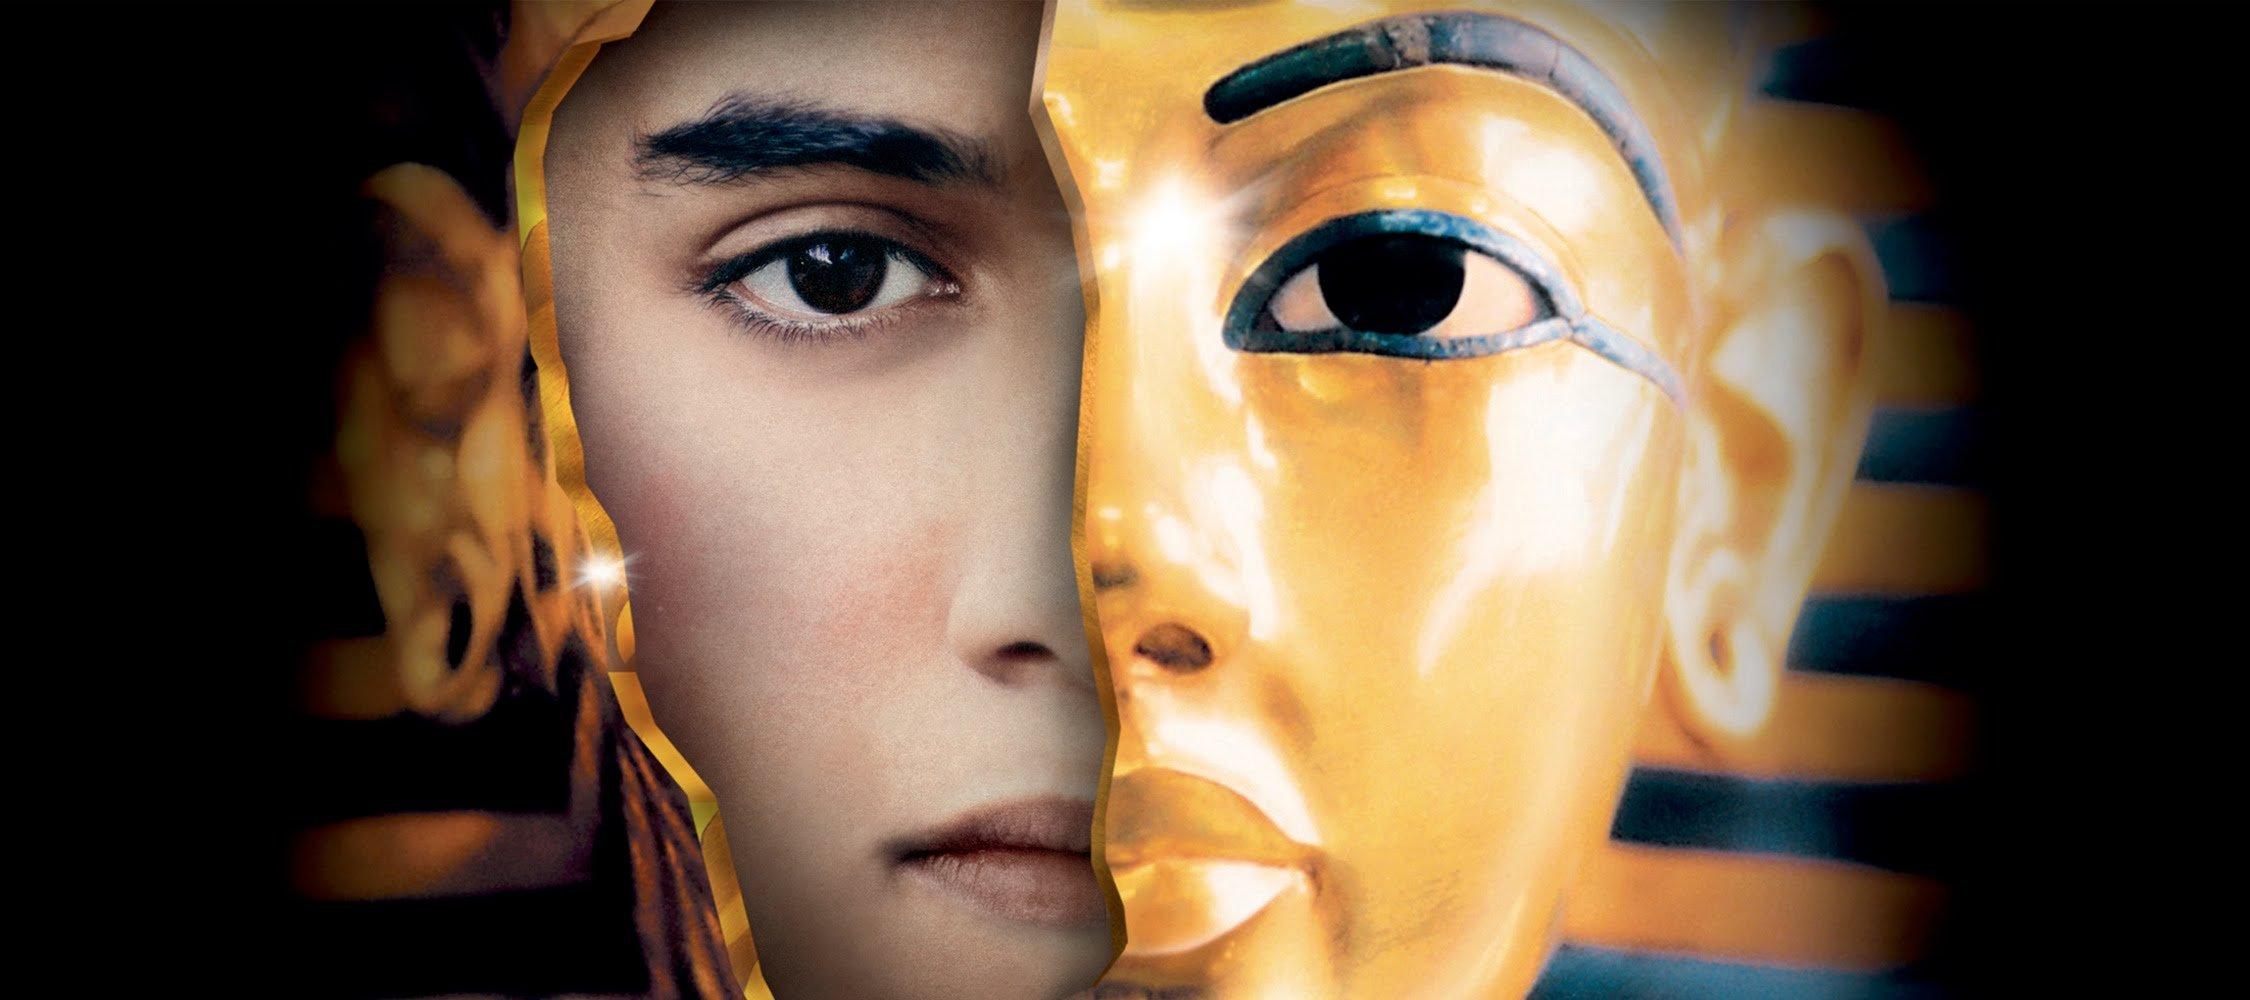 Este estudio genético indica que los faraones pudieron haber sido una especie híbrida alienígena